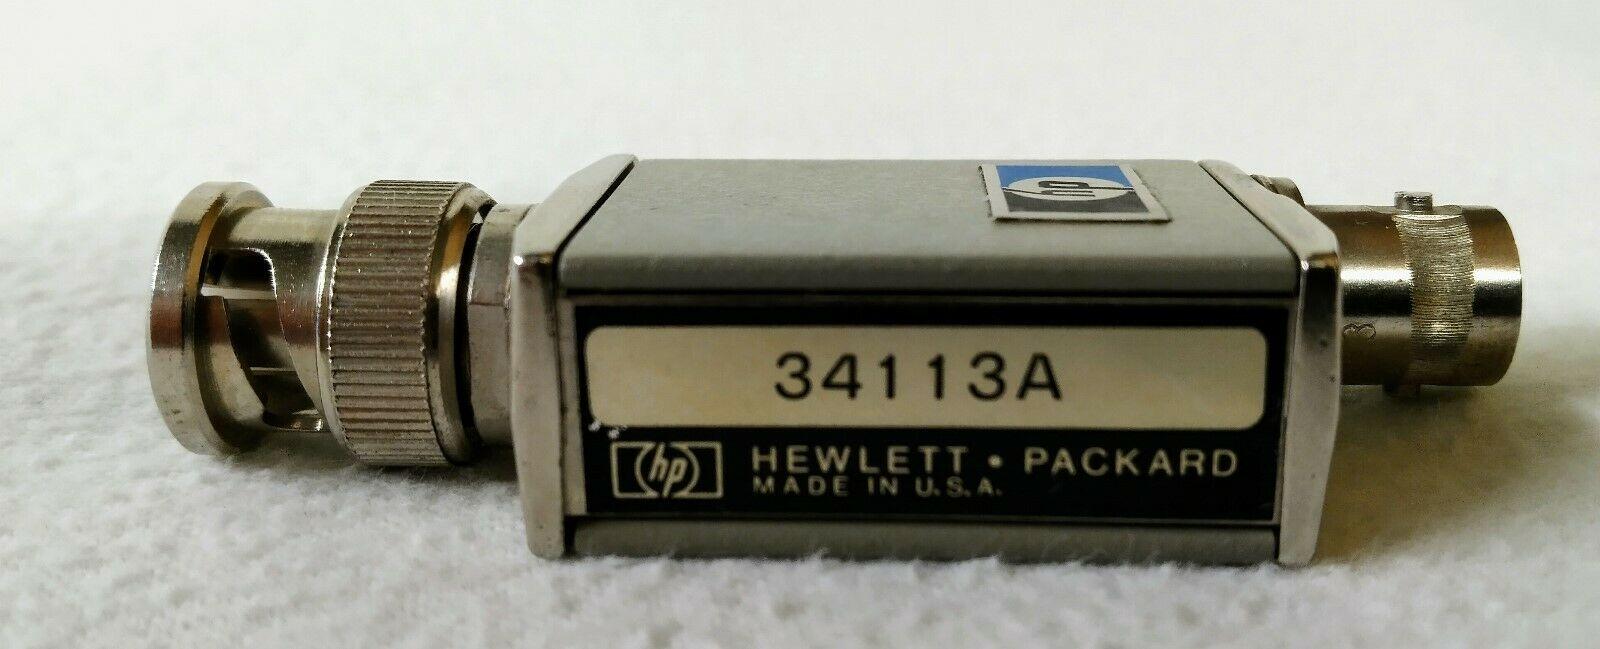 Agilent 34113A Calibration Fixture